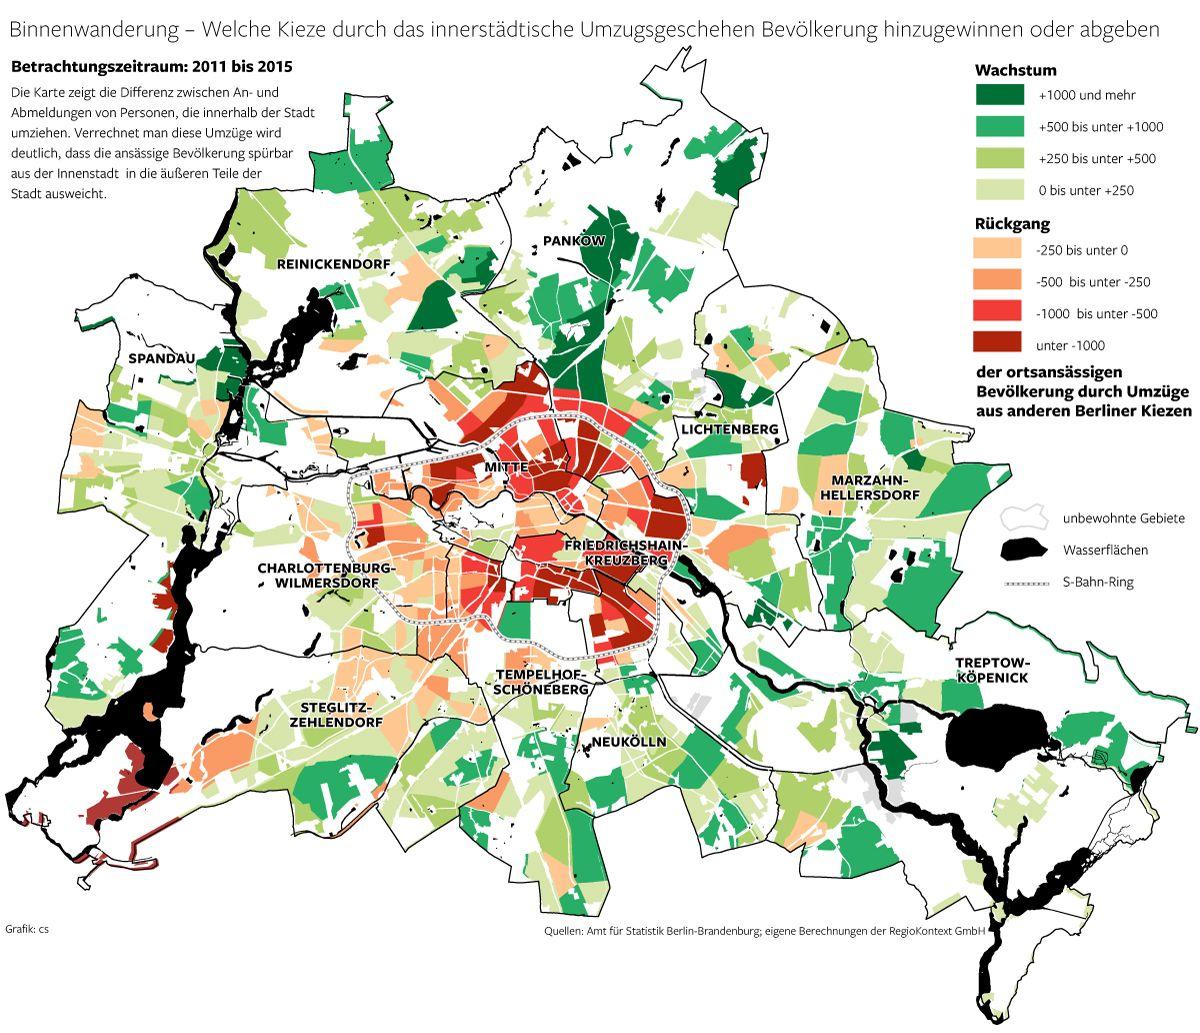 Karte Der Gentrifizierung In Berlin Binnenwanderung Zwischen 2011 Und 2015 Bei Innerstadtischen Umzugen Erschienen In Der Berliner M Infografik Grafik Karten